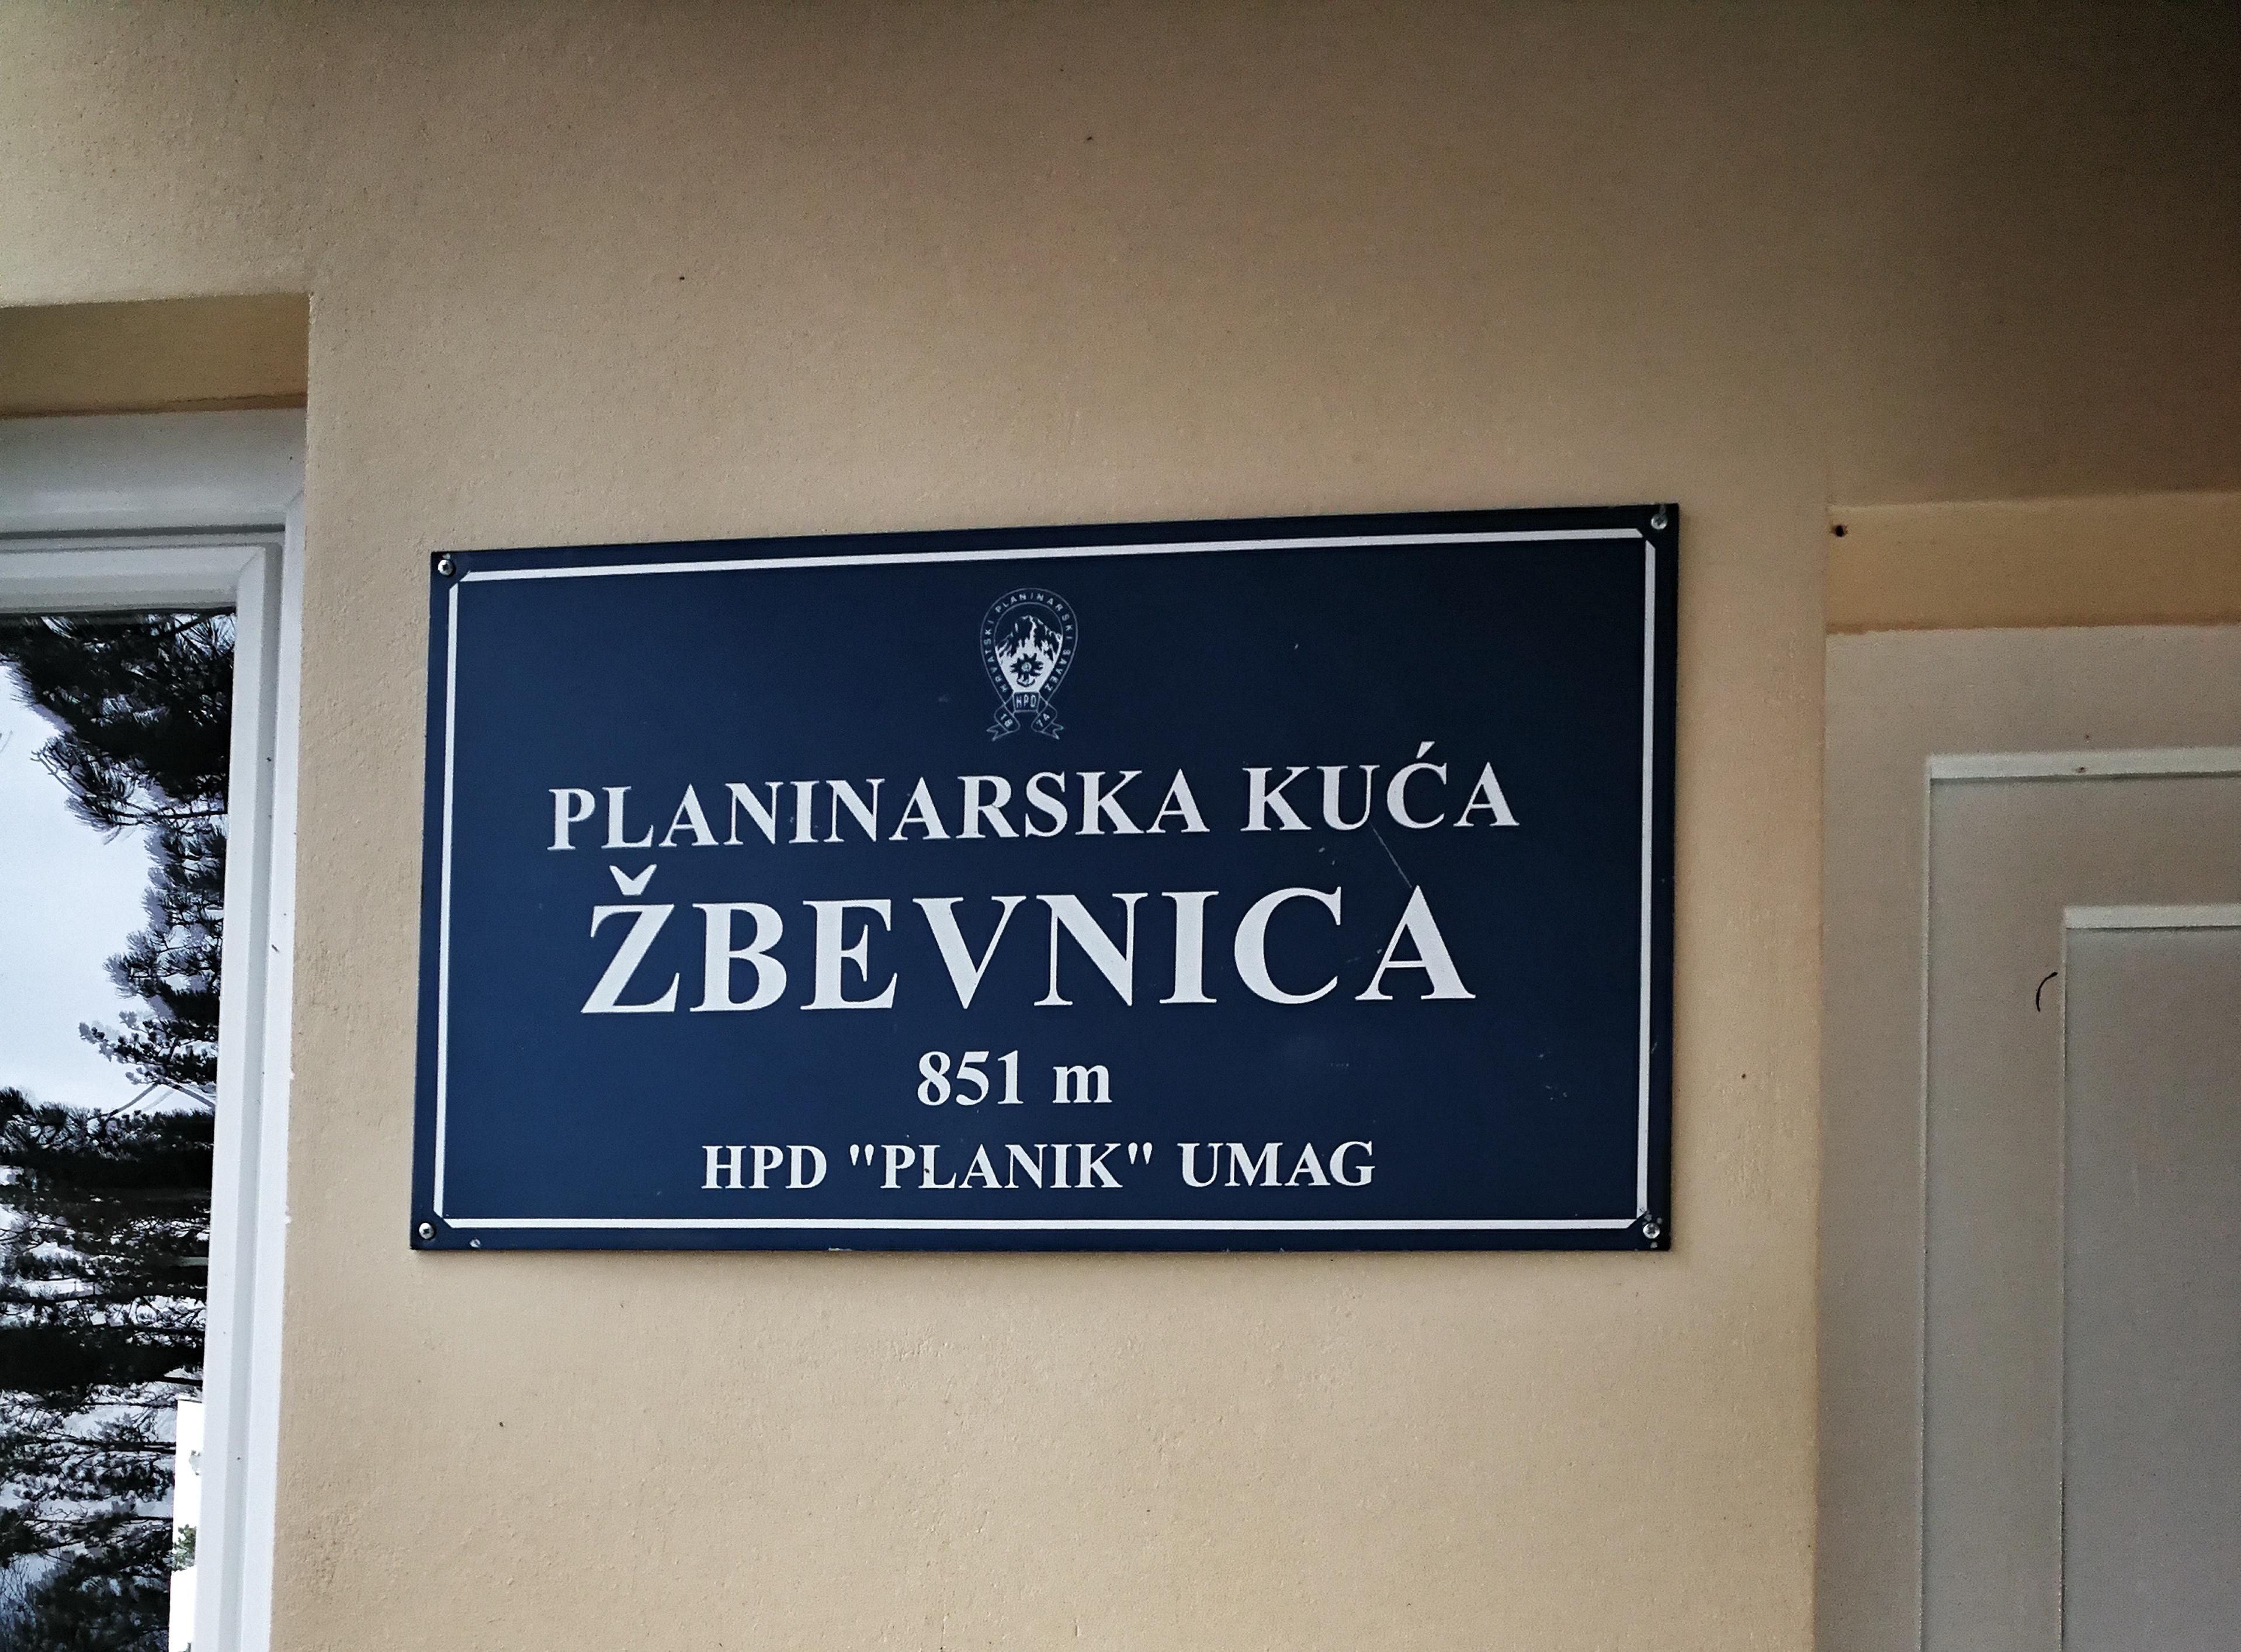 ŽBEVNICA HIKING